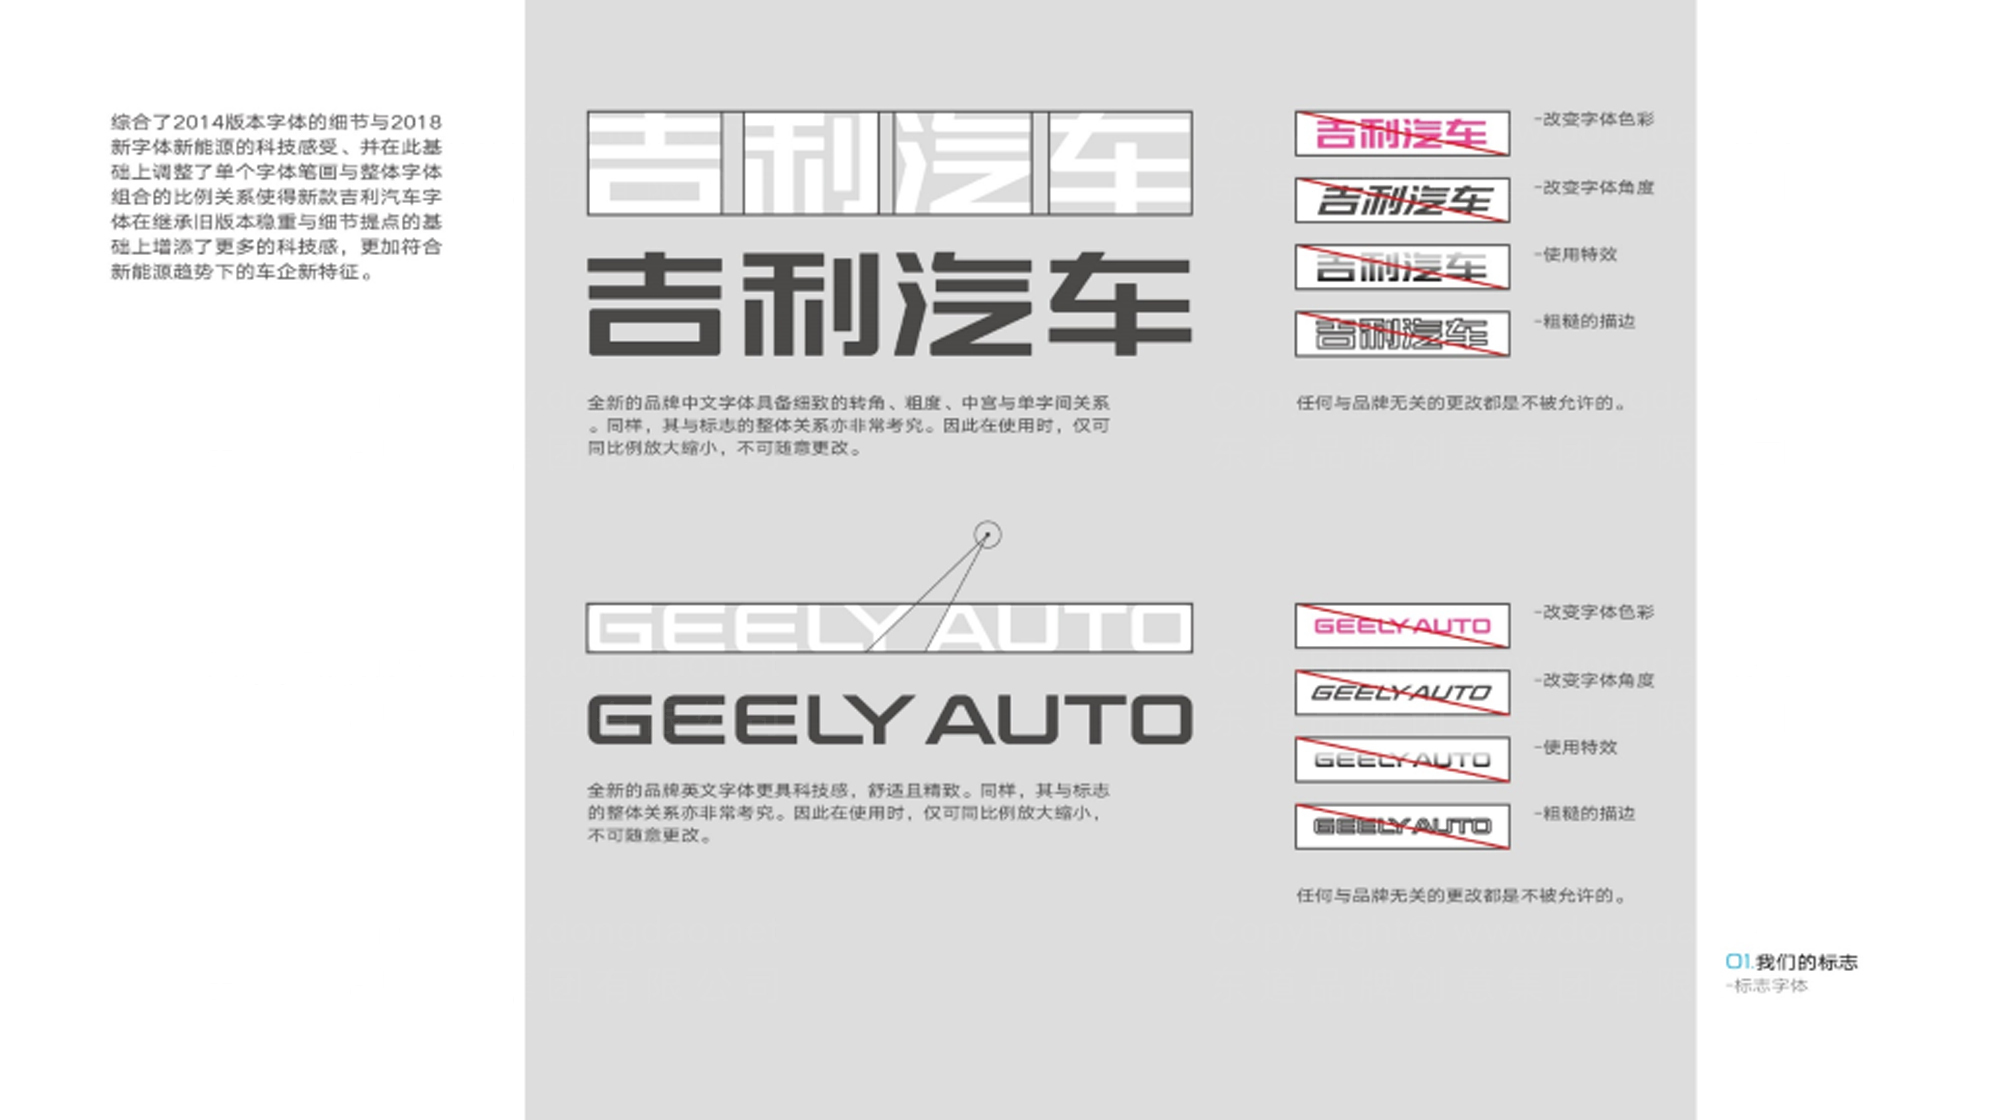 品牌设计吉利汽车LOGO优化&VI设计应用场景